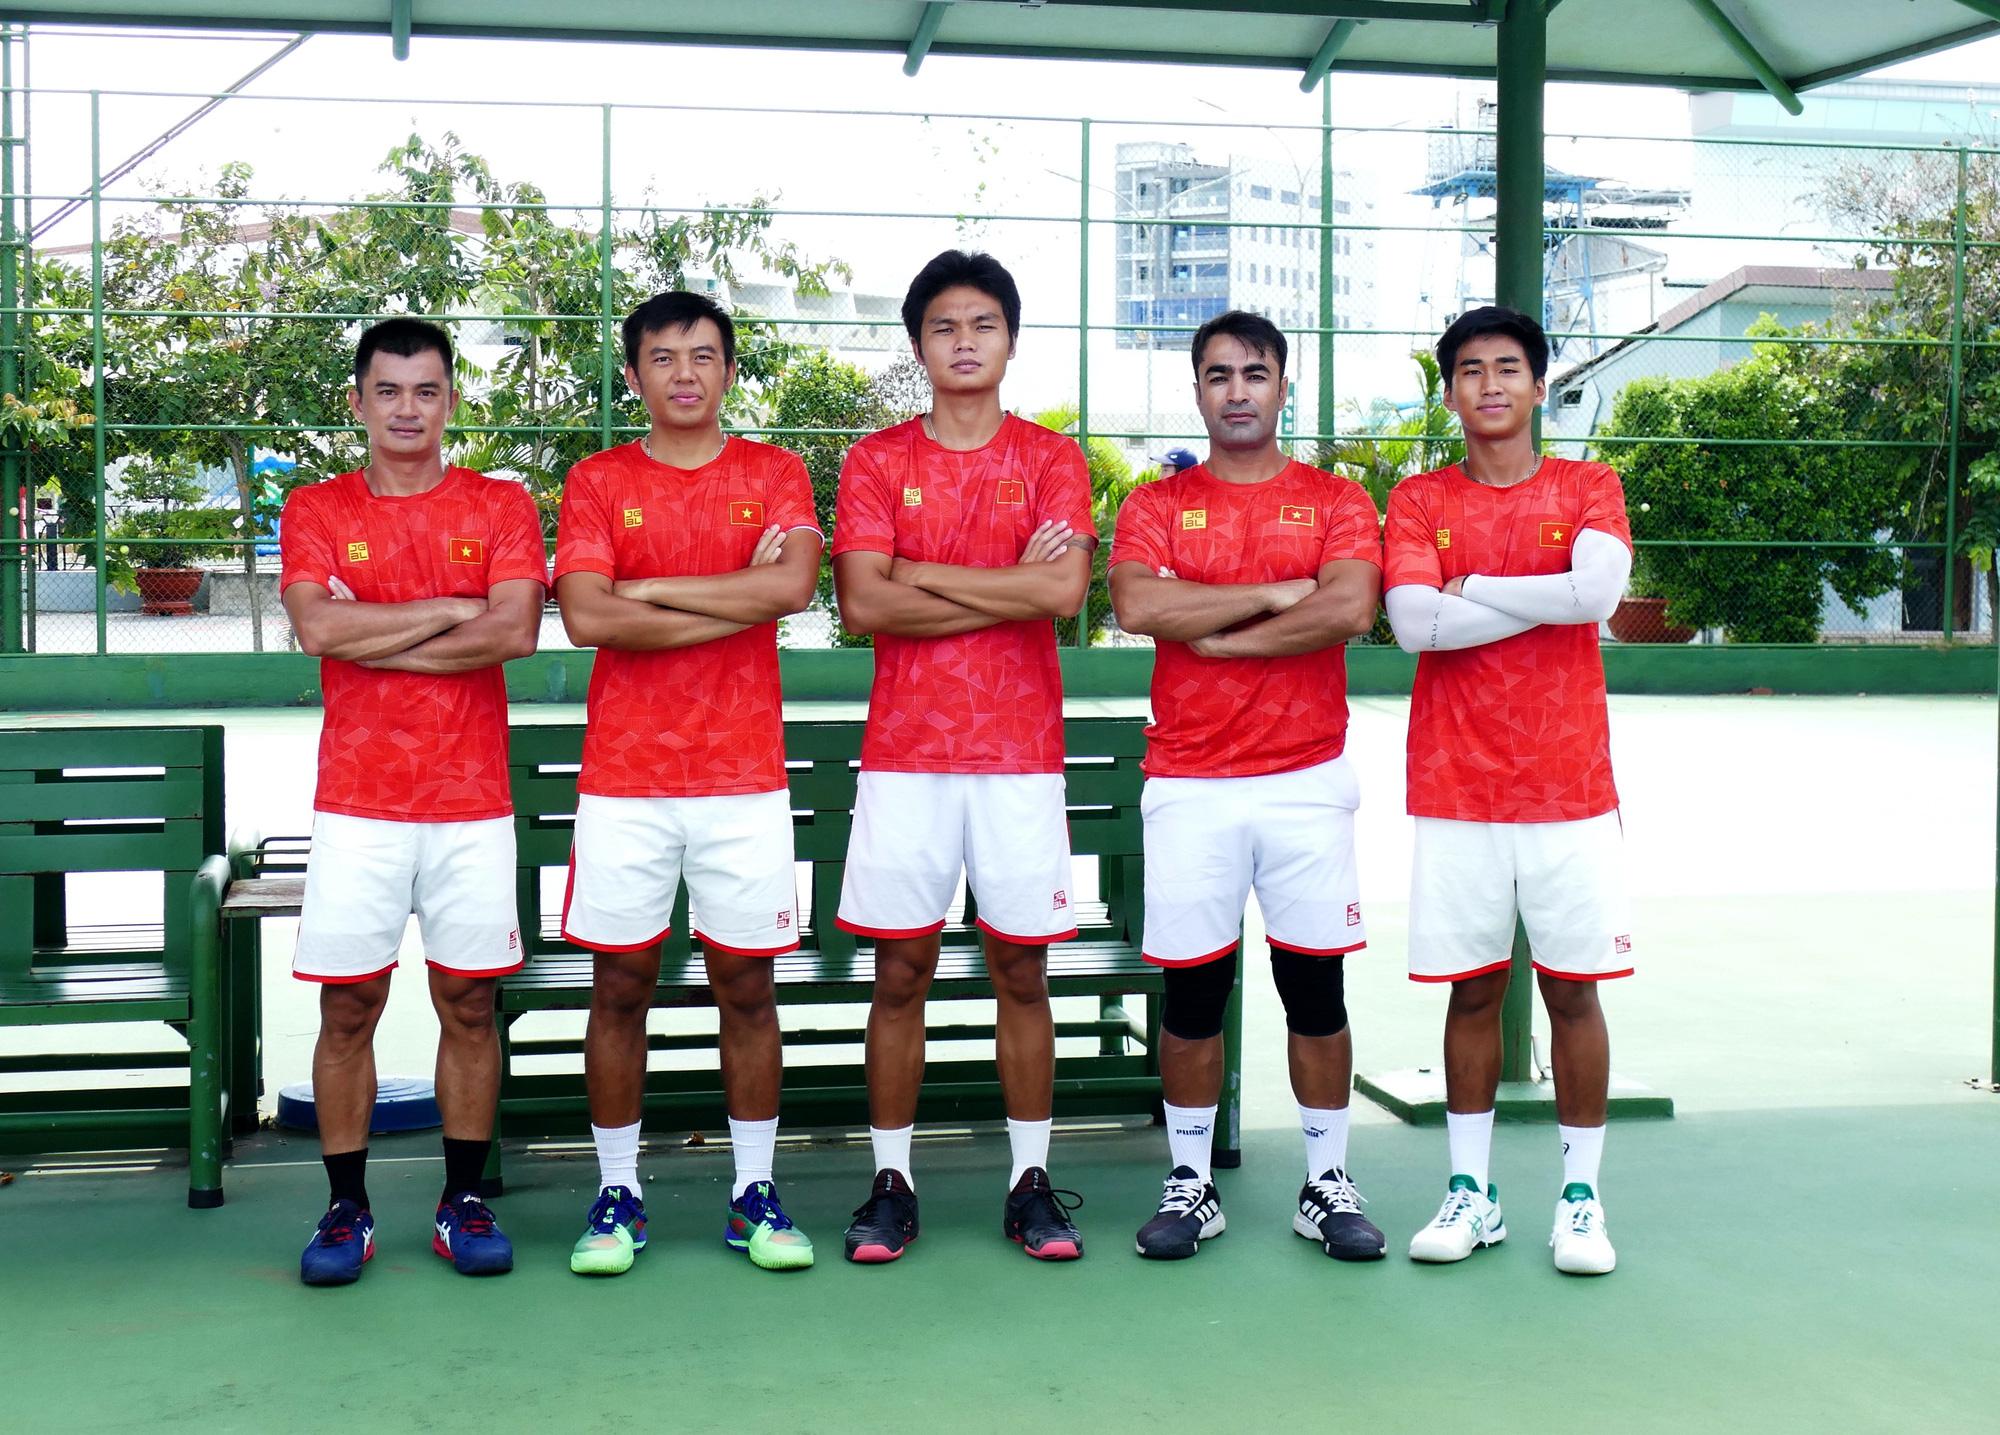 Hình ảnh: Tuyển quần vợt Việt Nam sắp dự Davis Cup nhóm III khu vực Châu Á – Thái Bình Dương 2021 số 1